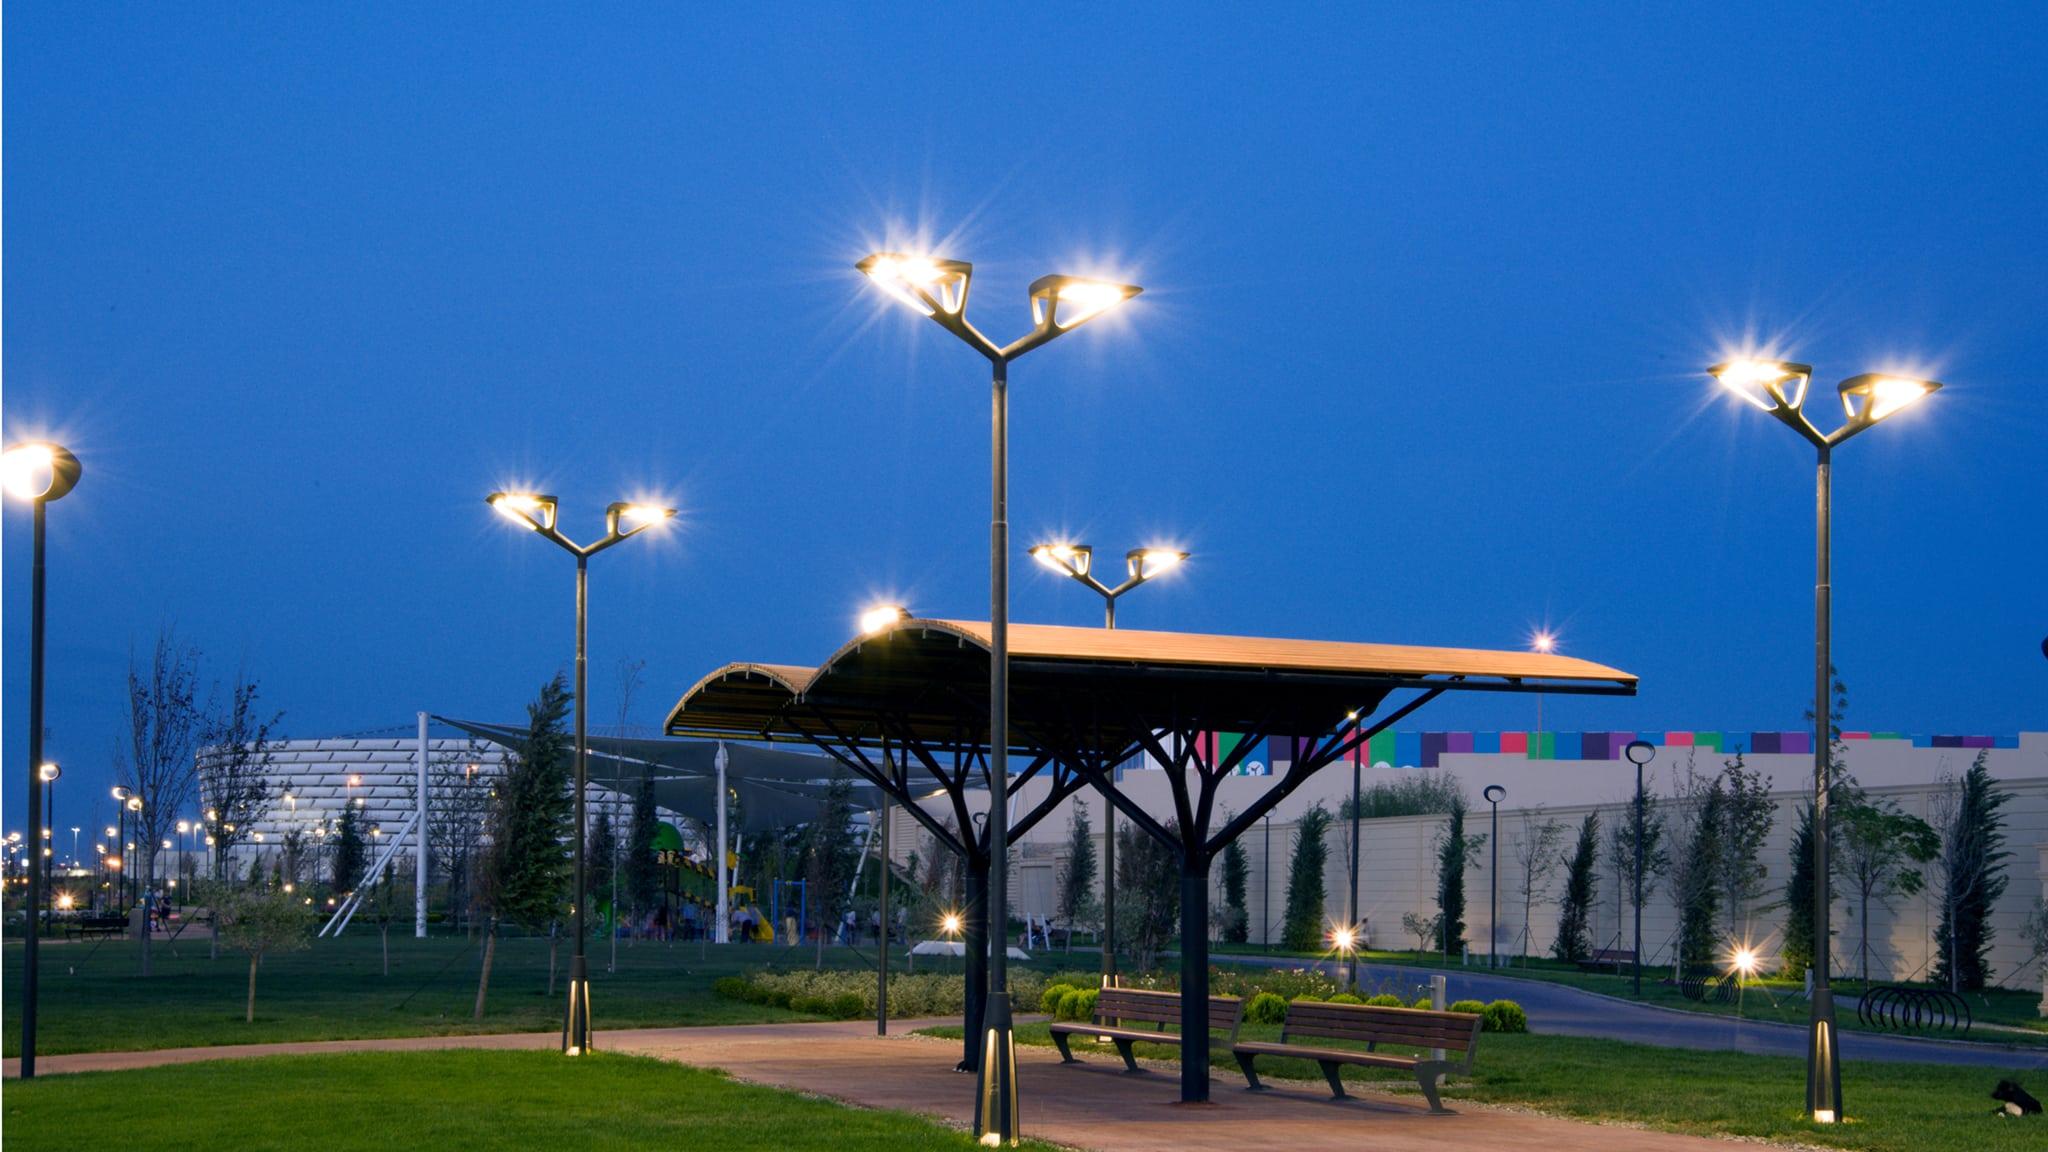 Light columns at night in public park